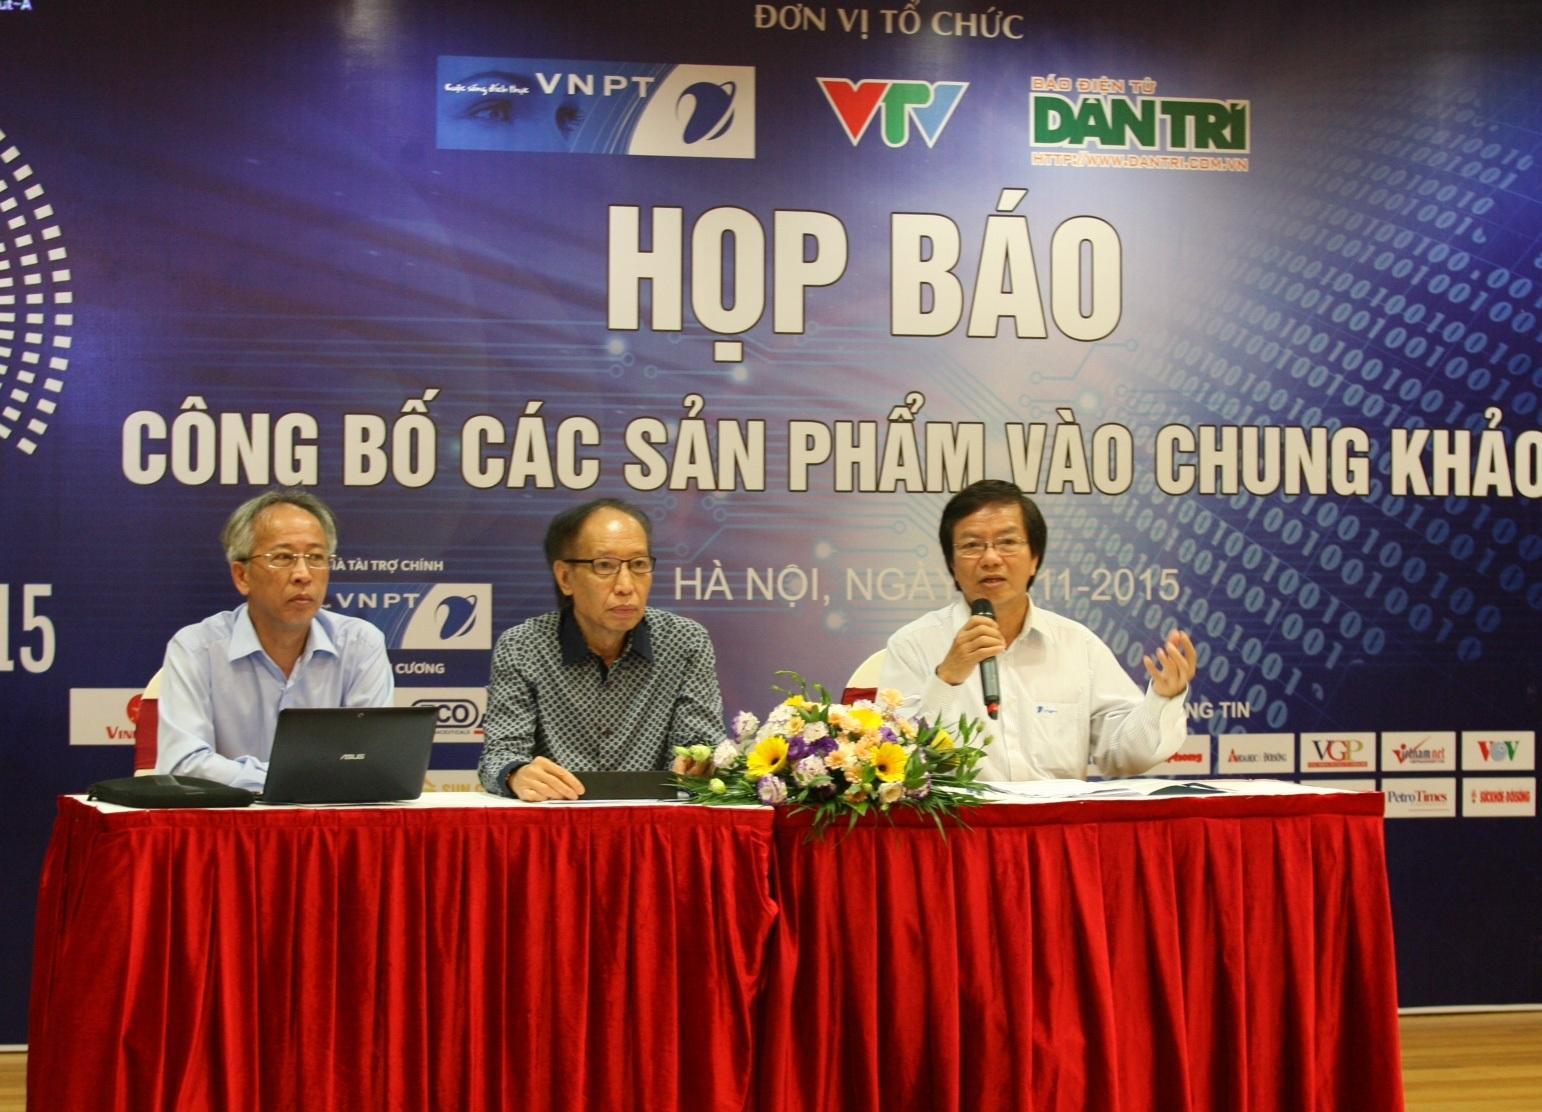 Ban tổ chức Giải thưởng Nhân tài Đất Việt họp báo công bố các sản phẩm vào chung khảo